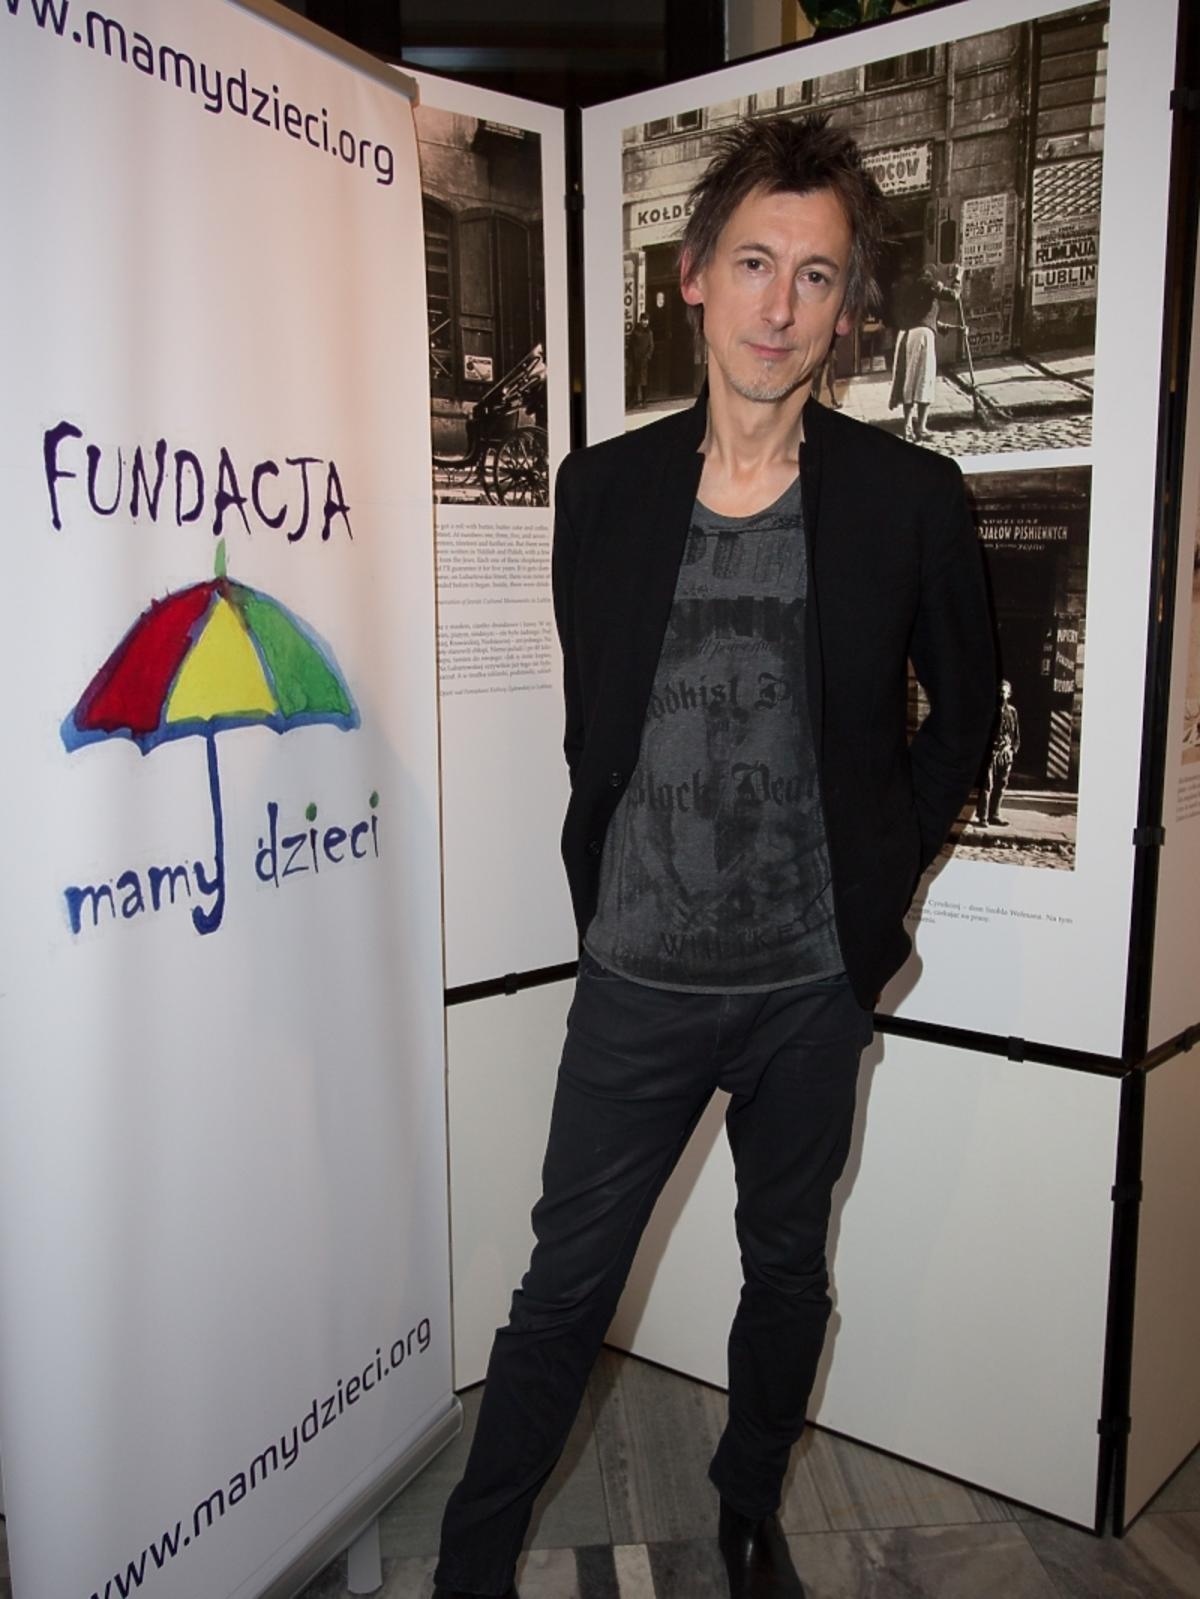 Maciej Miecznikowski na koncercie fundacji